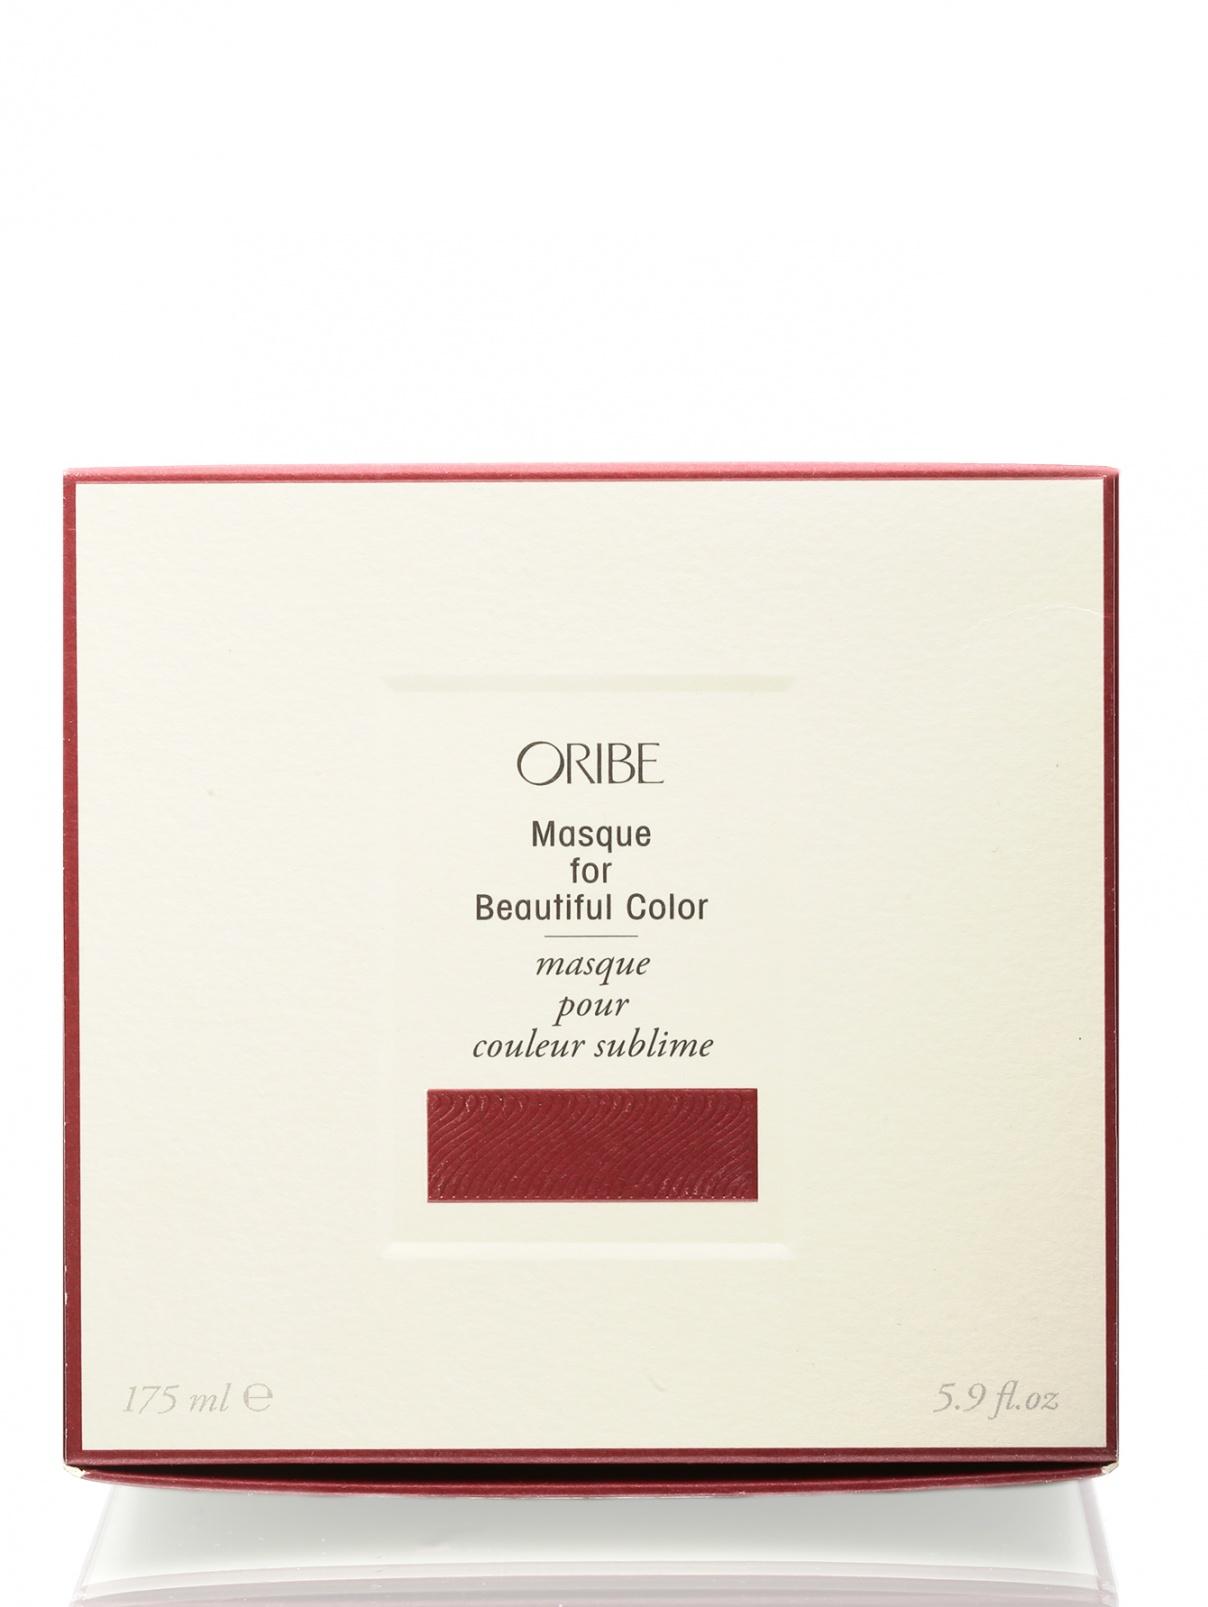 """Маска для окрашенных волос """"Великолепие цвета"""" - Hair Care, 175ml Oribe  –  Модель Общий вид"""